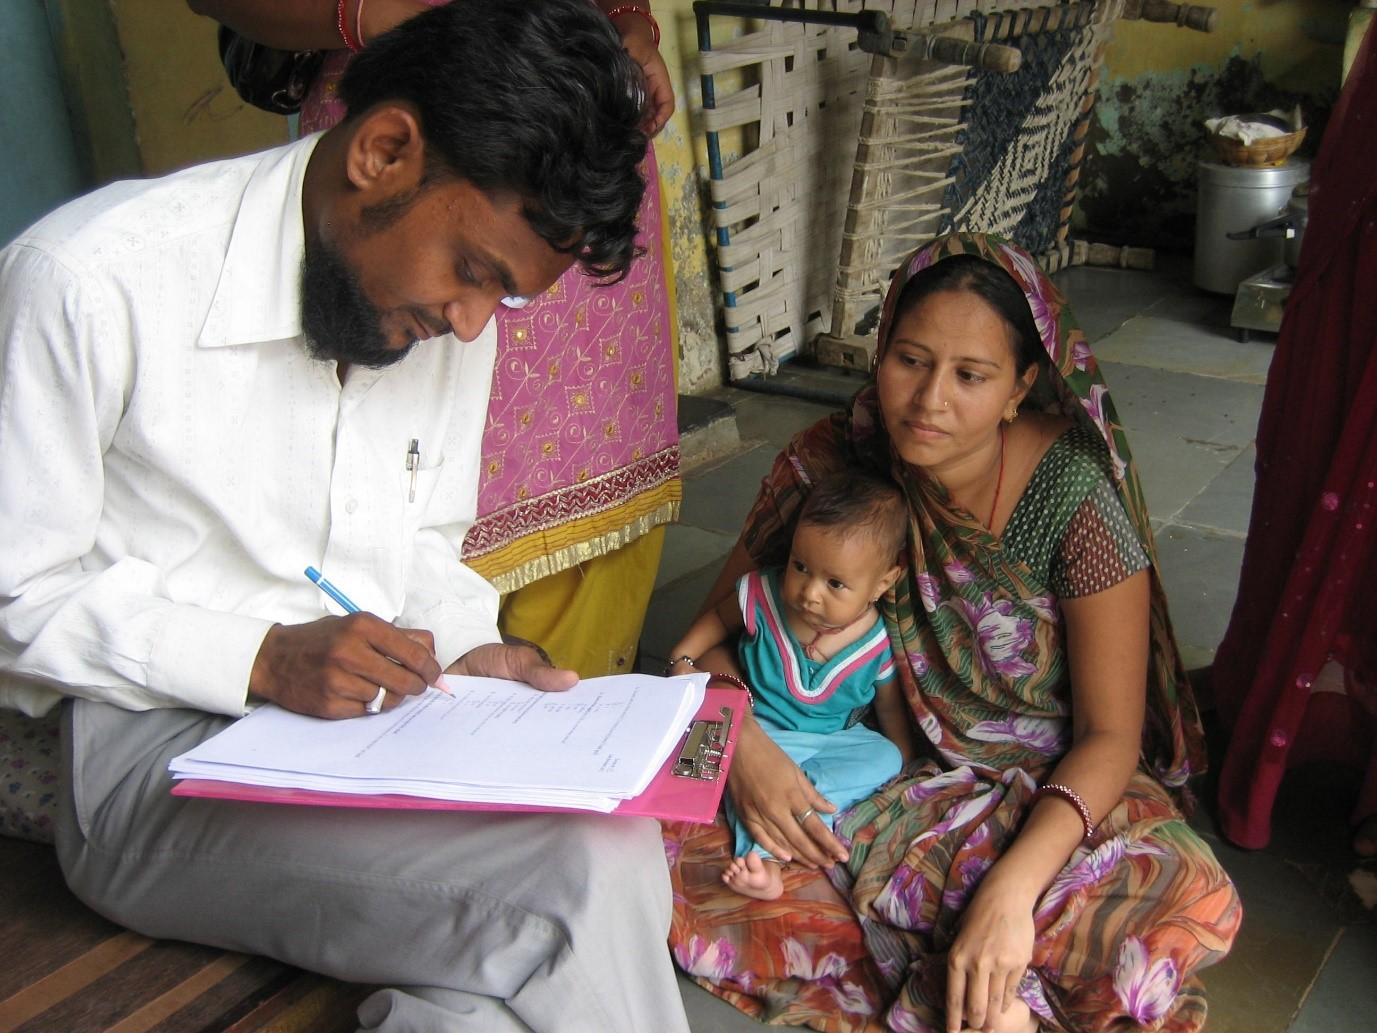 Ahmedabad survey respondents, Gulrez Azhar Shah & Kathy Tran, July 2011. CDKN.